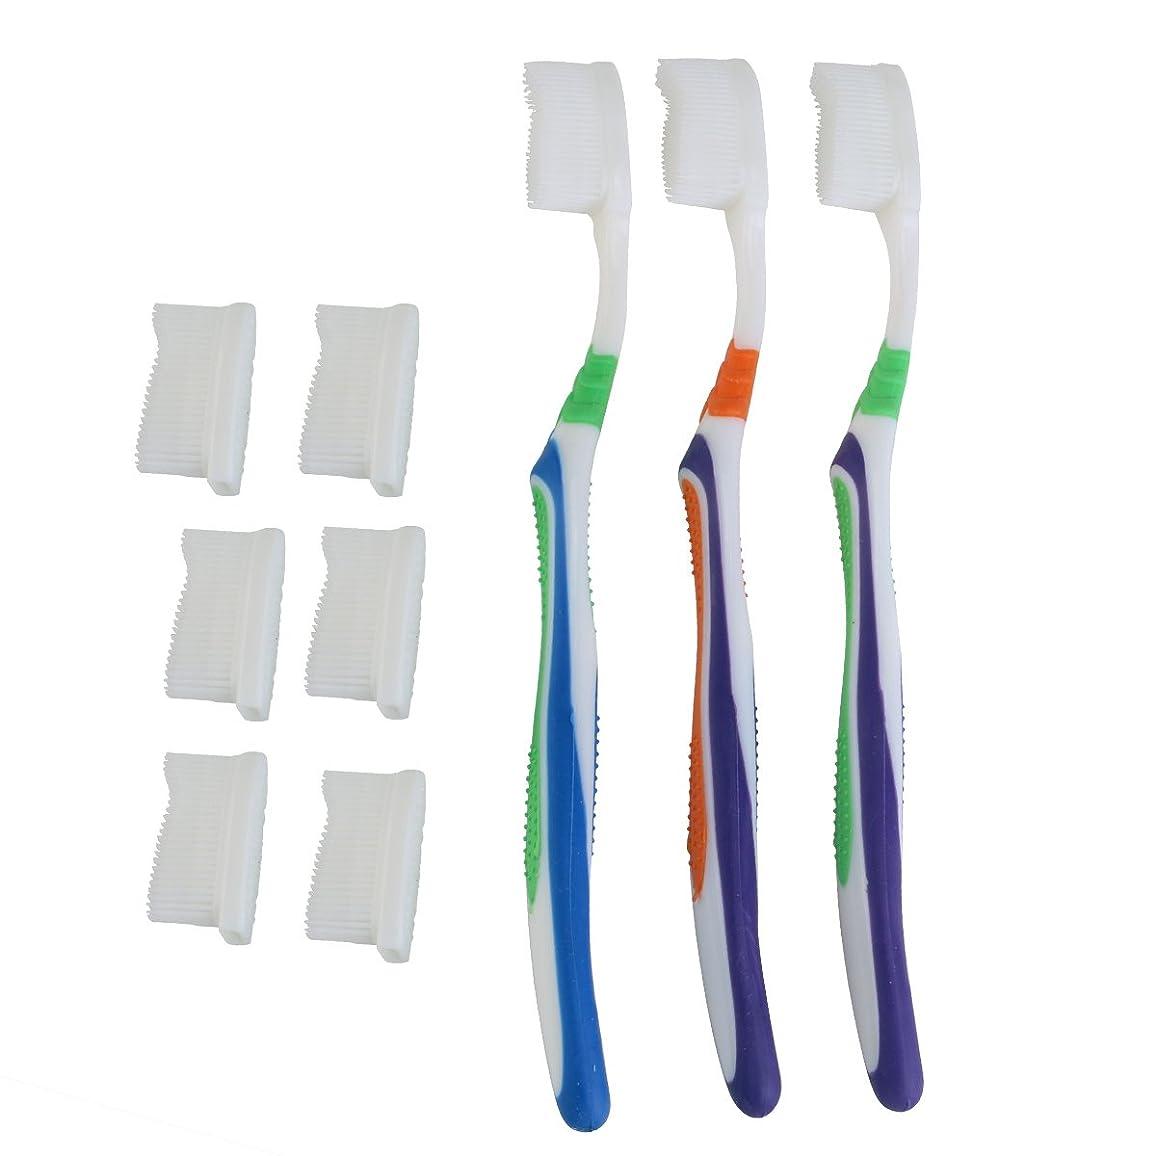 天国動揺させるアプローチTOPBATHY 子供と大人のための歯ブラシの頭の代わりとなる柔らかい歯ブラシ(ランダムカラー)